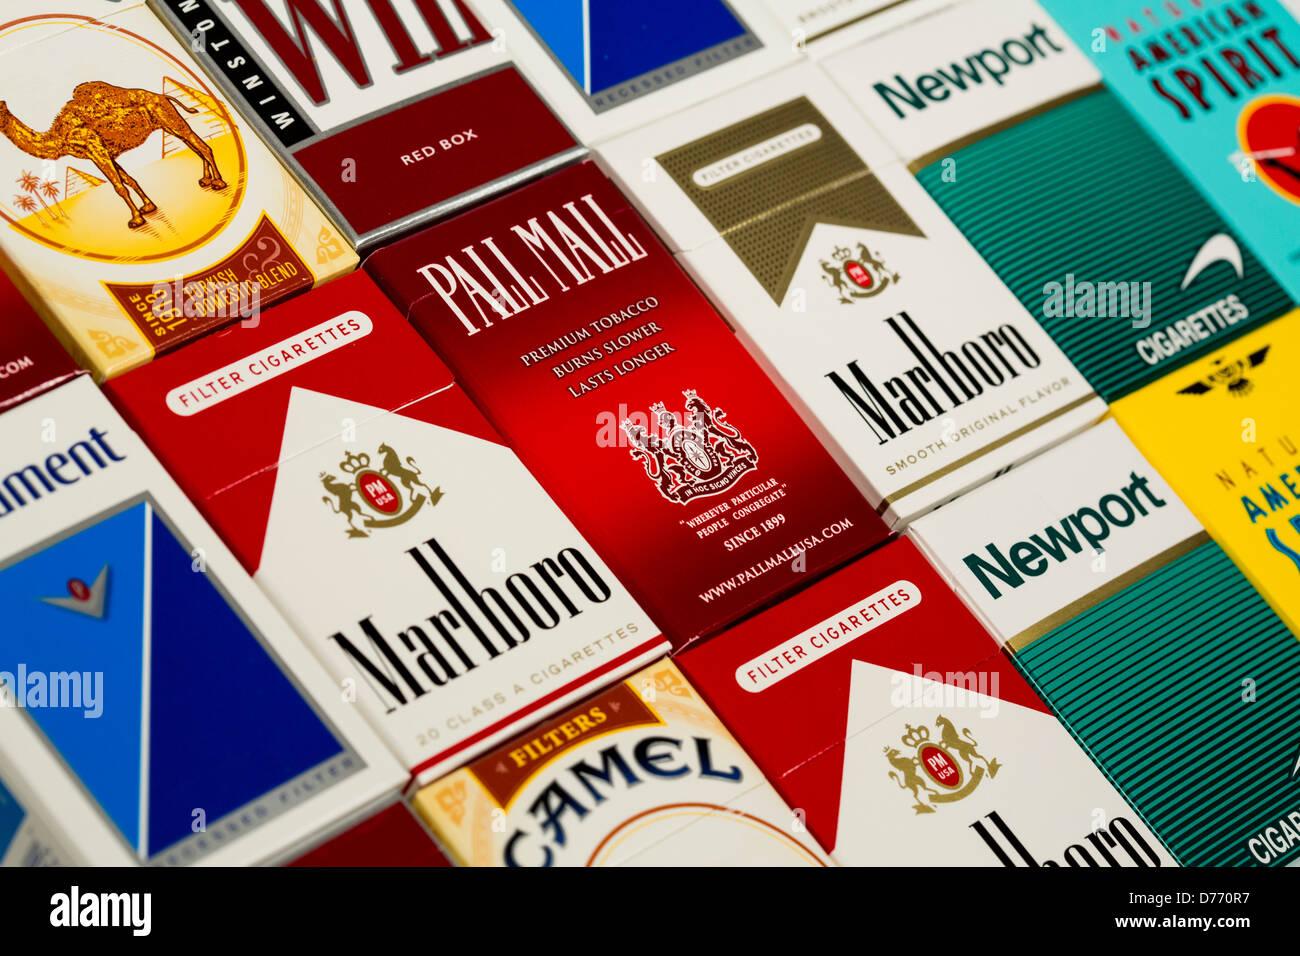 Verschiedene Schachteln Zigaretten. Marlboro, Pall Mall, Winston, Camel, Parlament, Newport, American Spirit. Stockfoto